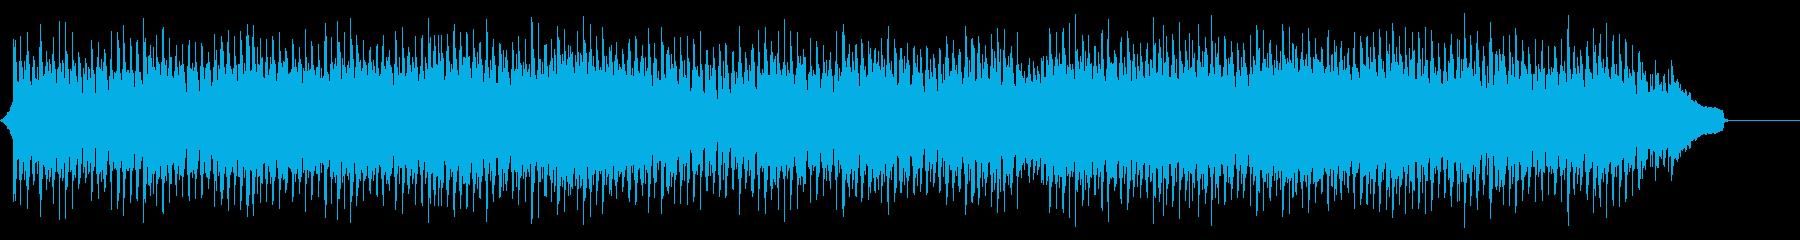 爽やかでノリの良いコーポレートBGMの再生済みの波形